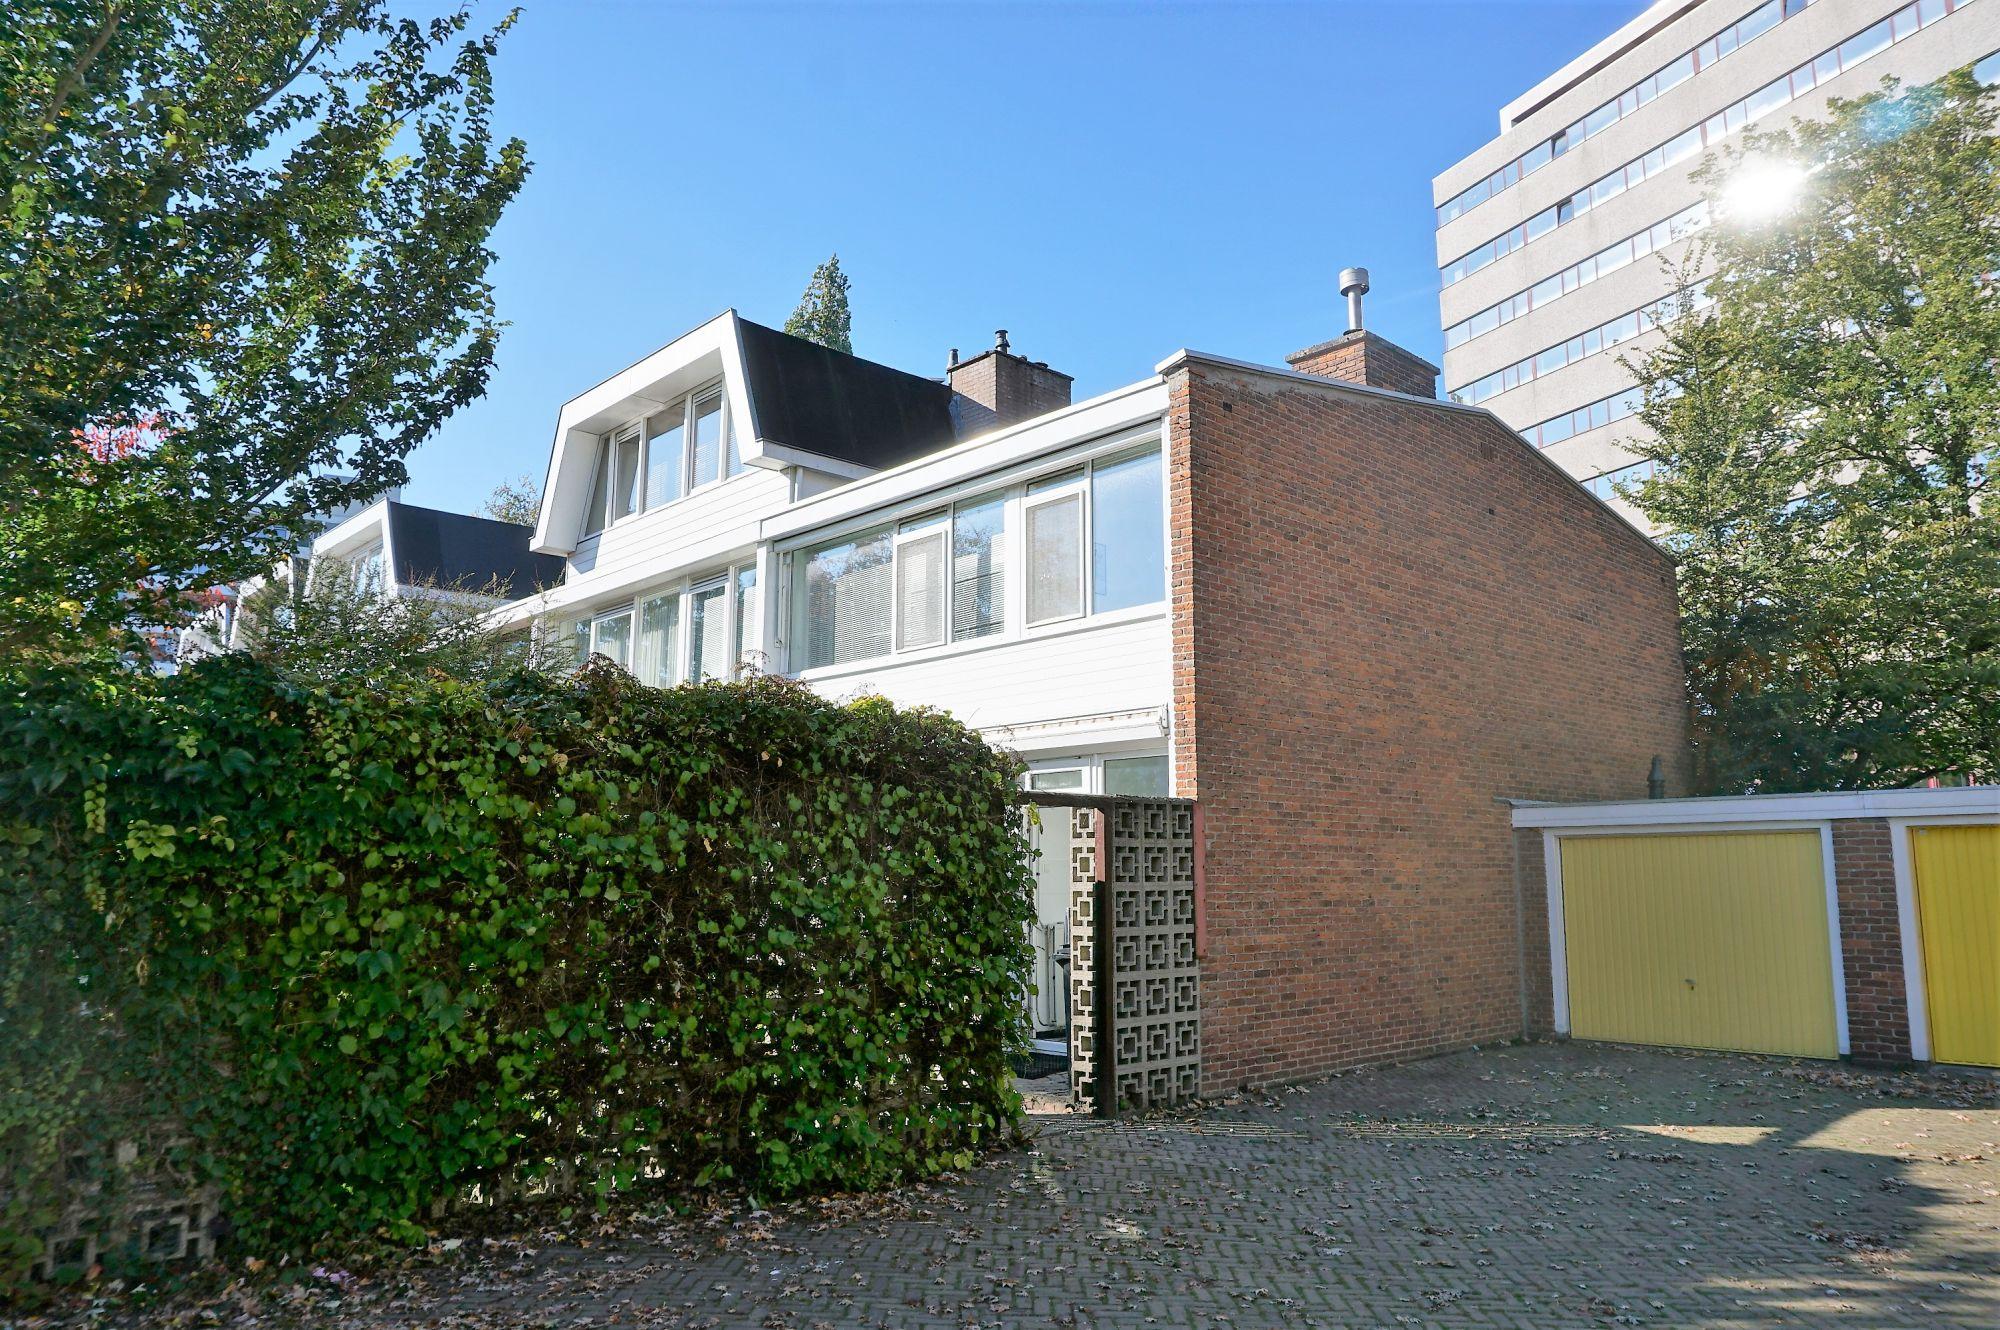 Biesbosch, Amsterdam